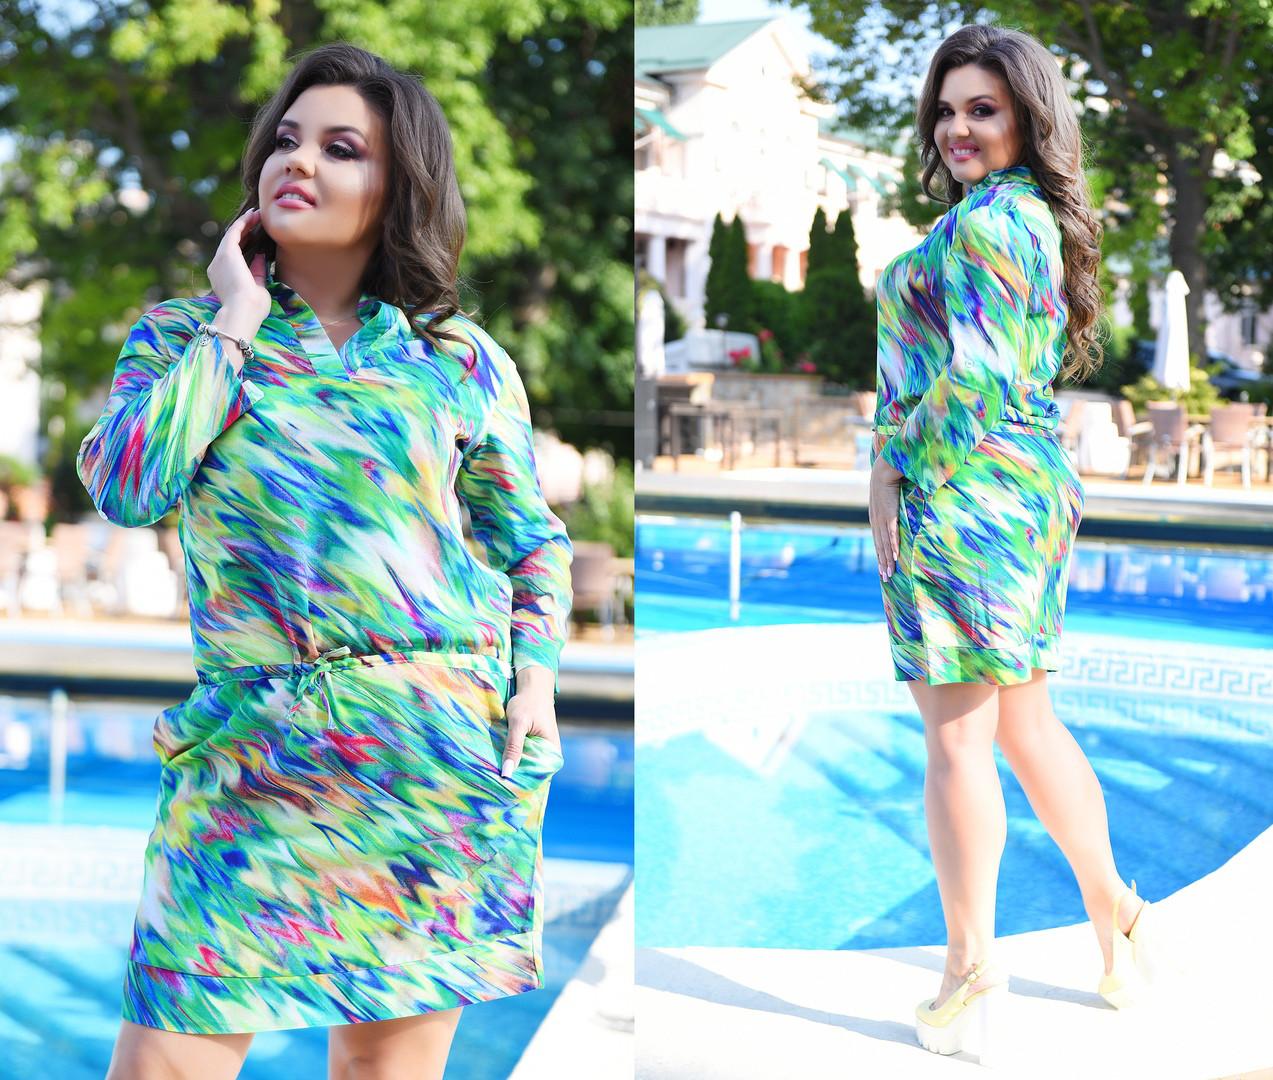 Летнее платье больших размеров 46+  из штапеля с ярким принтом  арт 5921-217